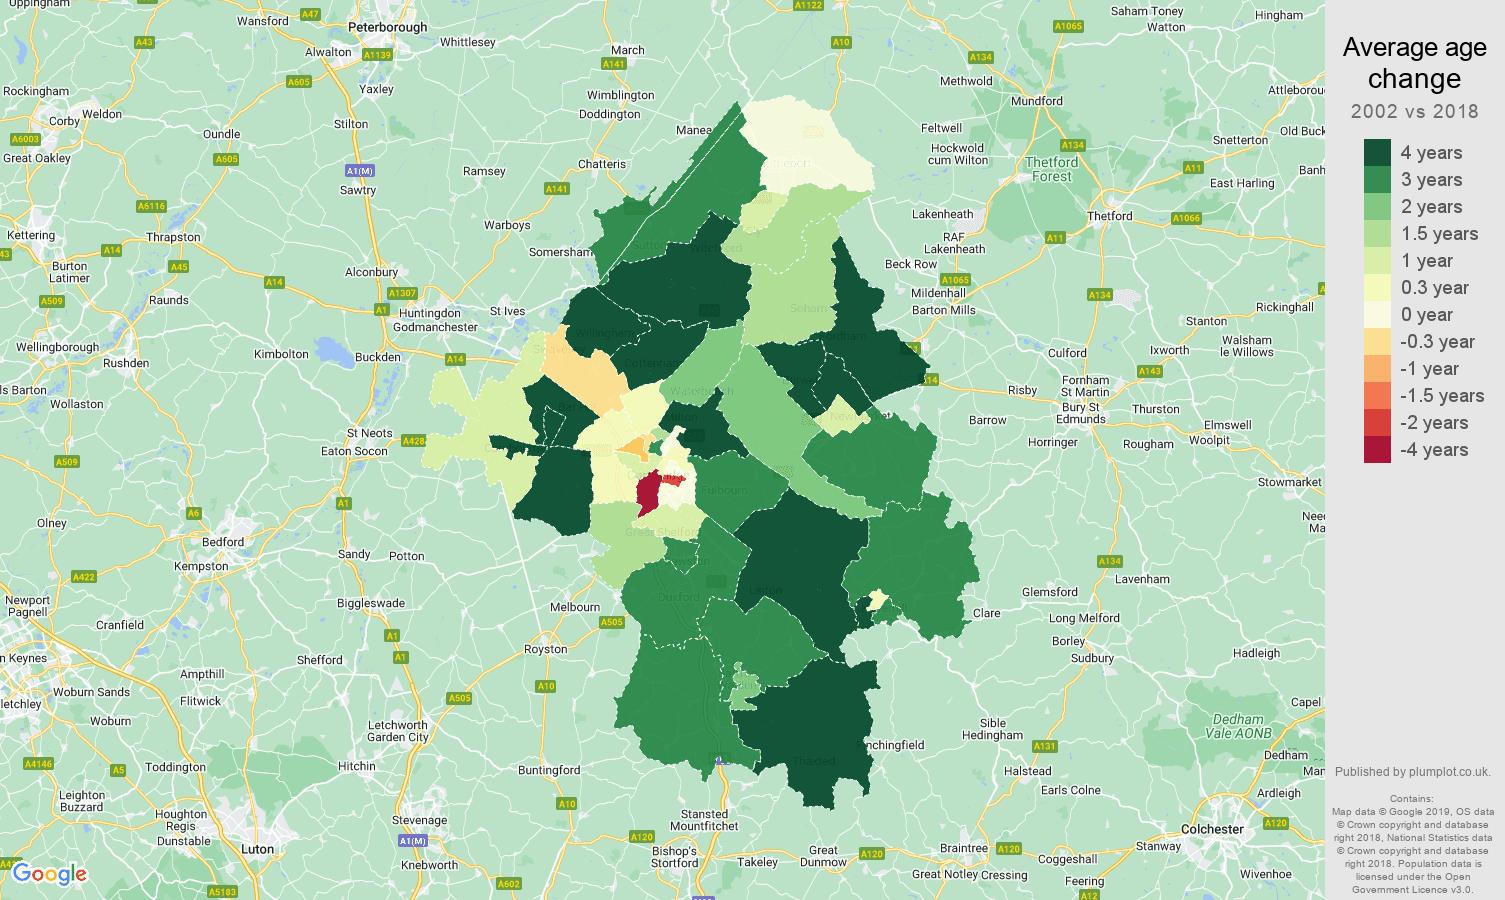 Cambridge average age change map